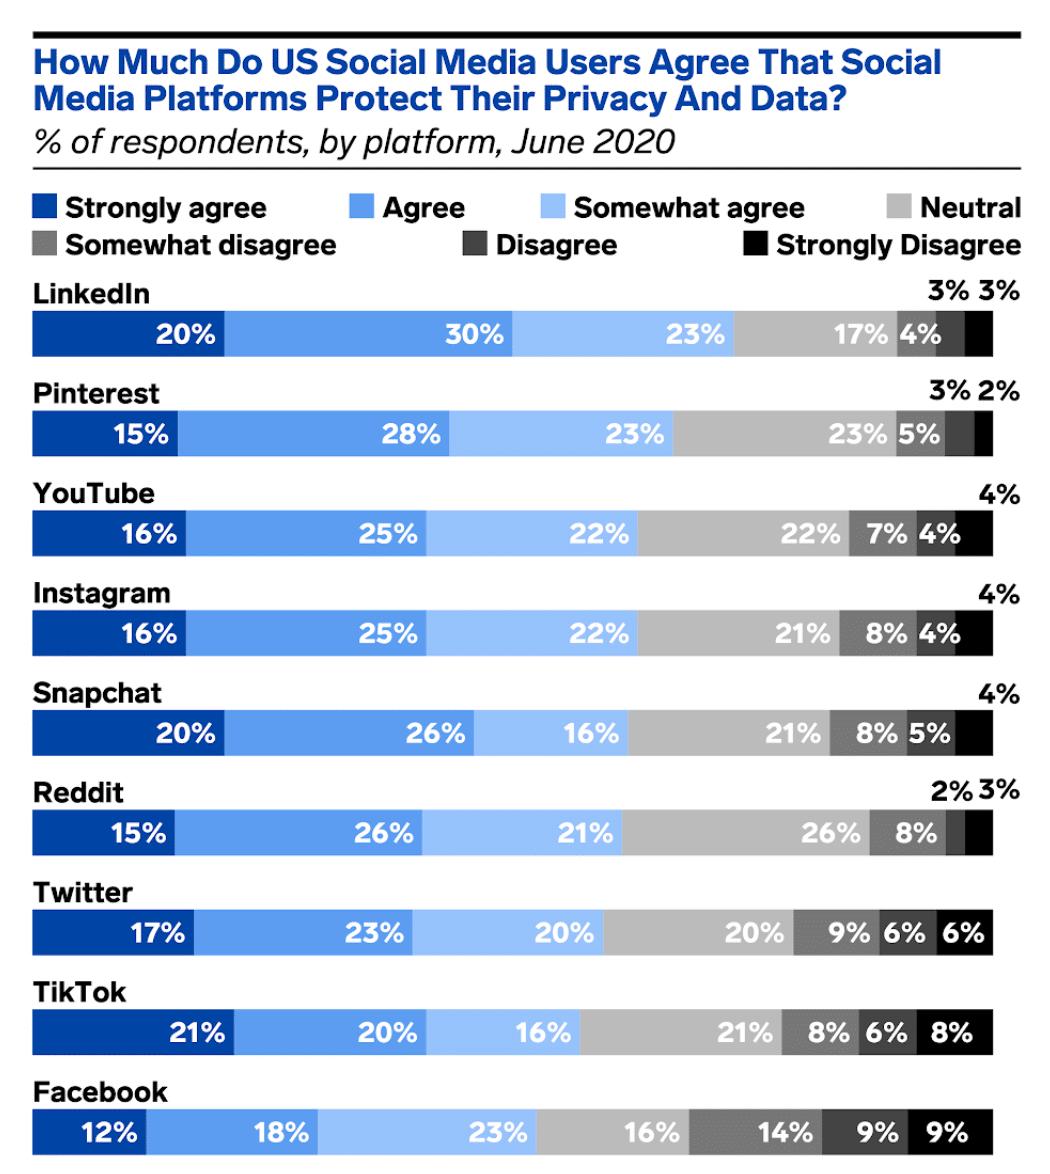 социальные сети платформах конфиденциальность и защита данных